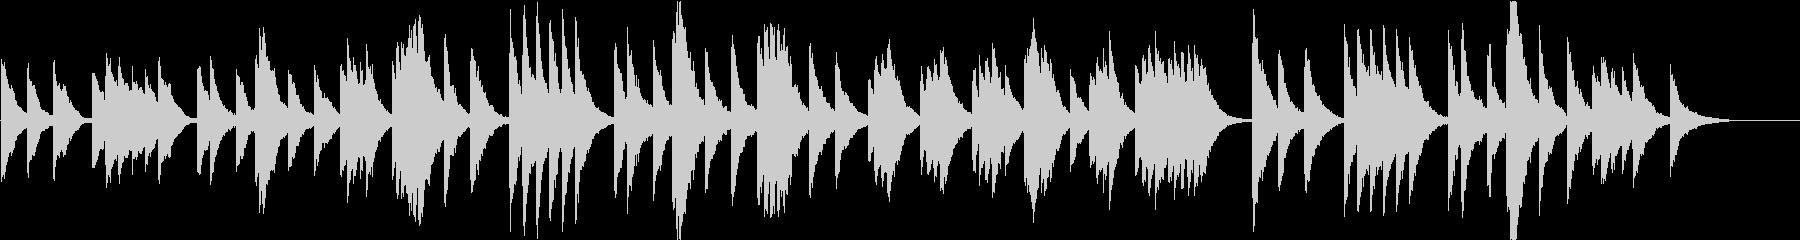 時報・チャイム風の名曲のメロディ・3の未再生の波形